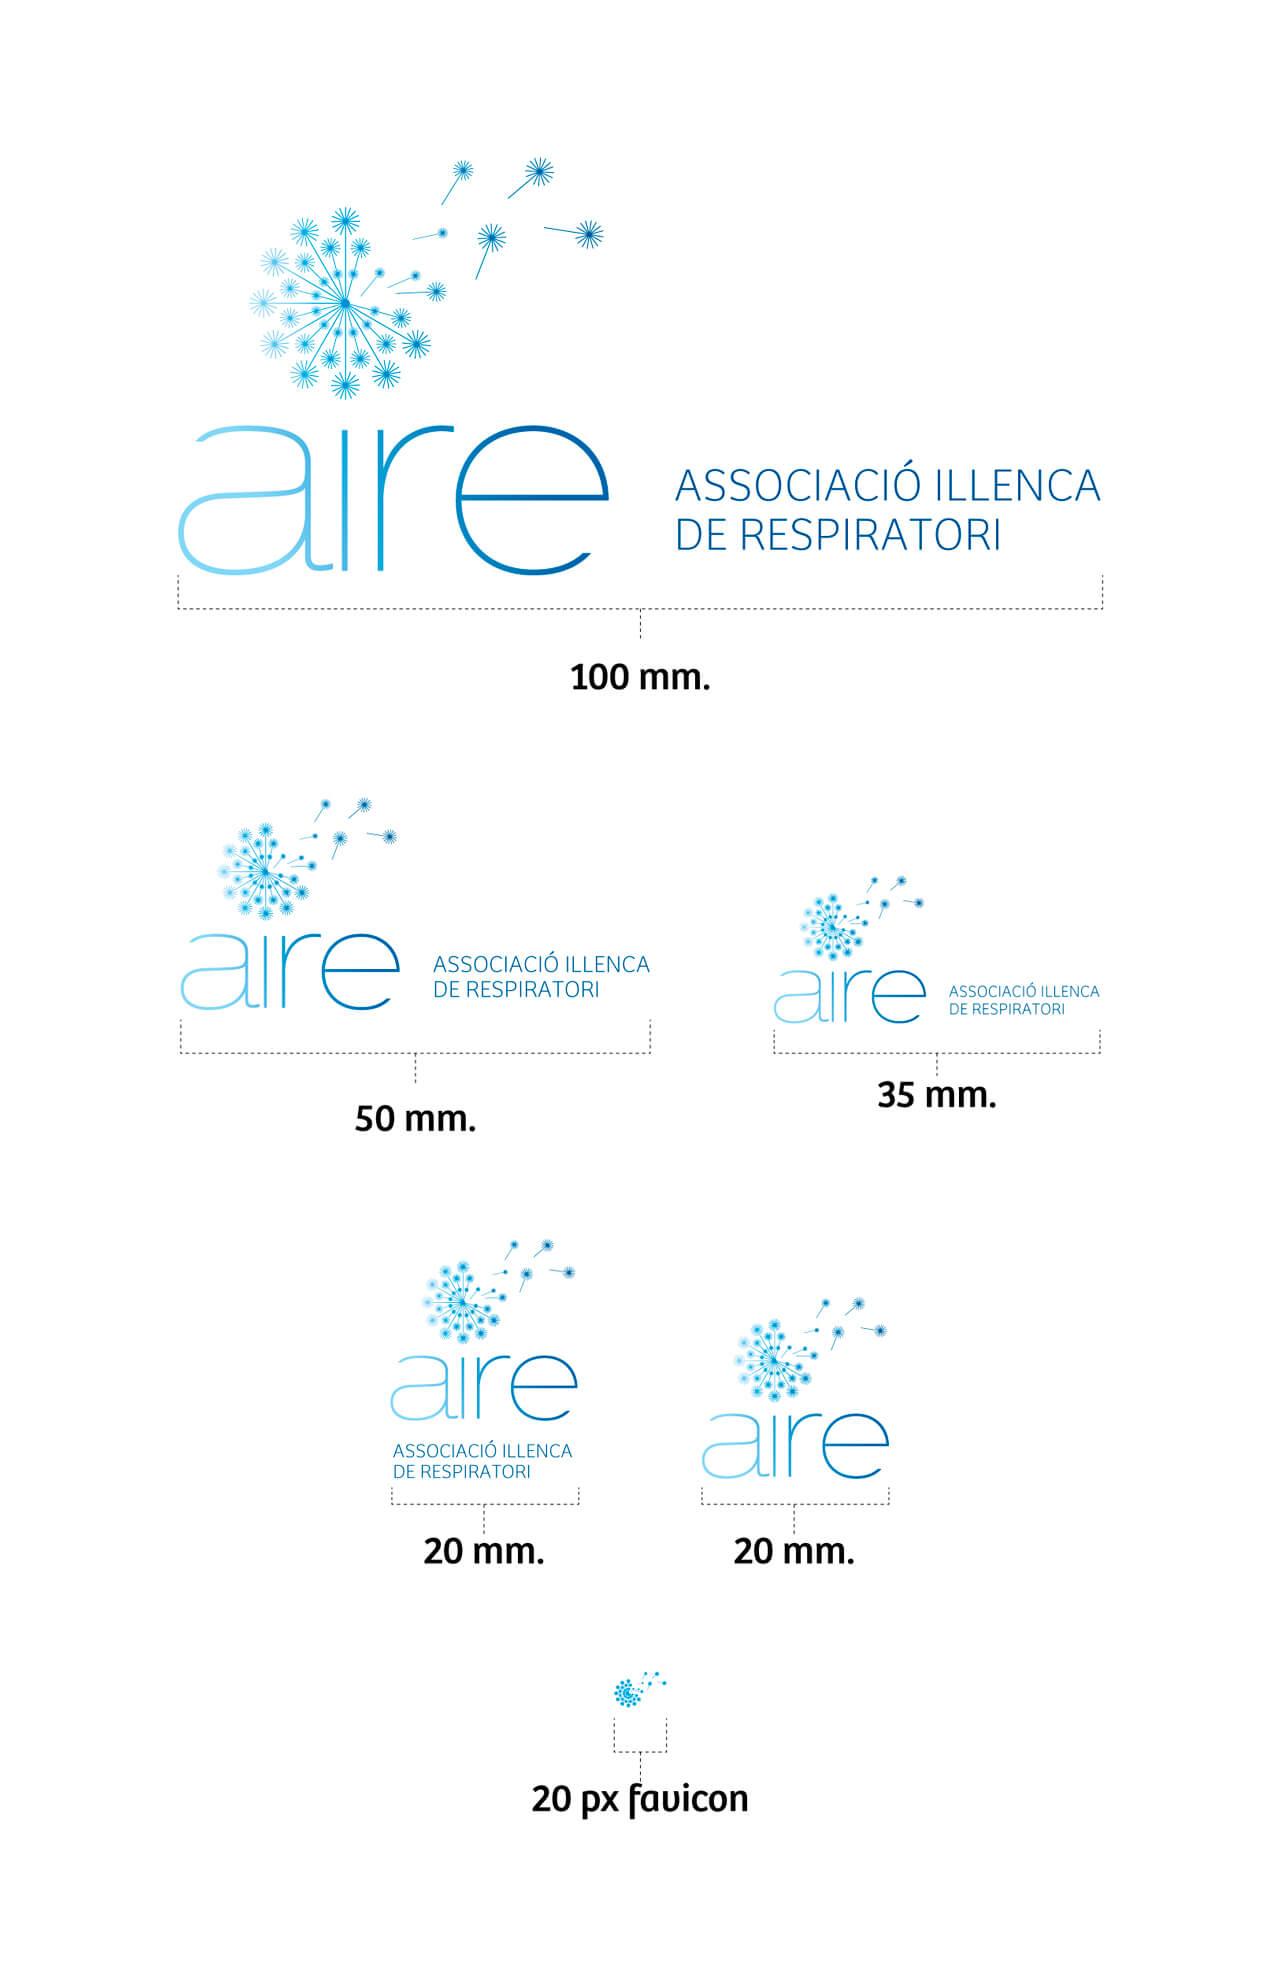 Aire Balears - Desarrollo: Estudio de reducciones del logotipo